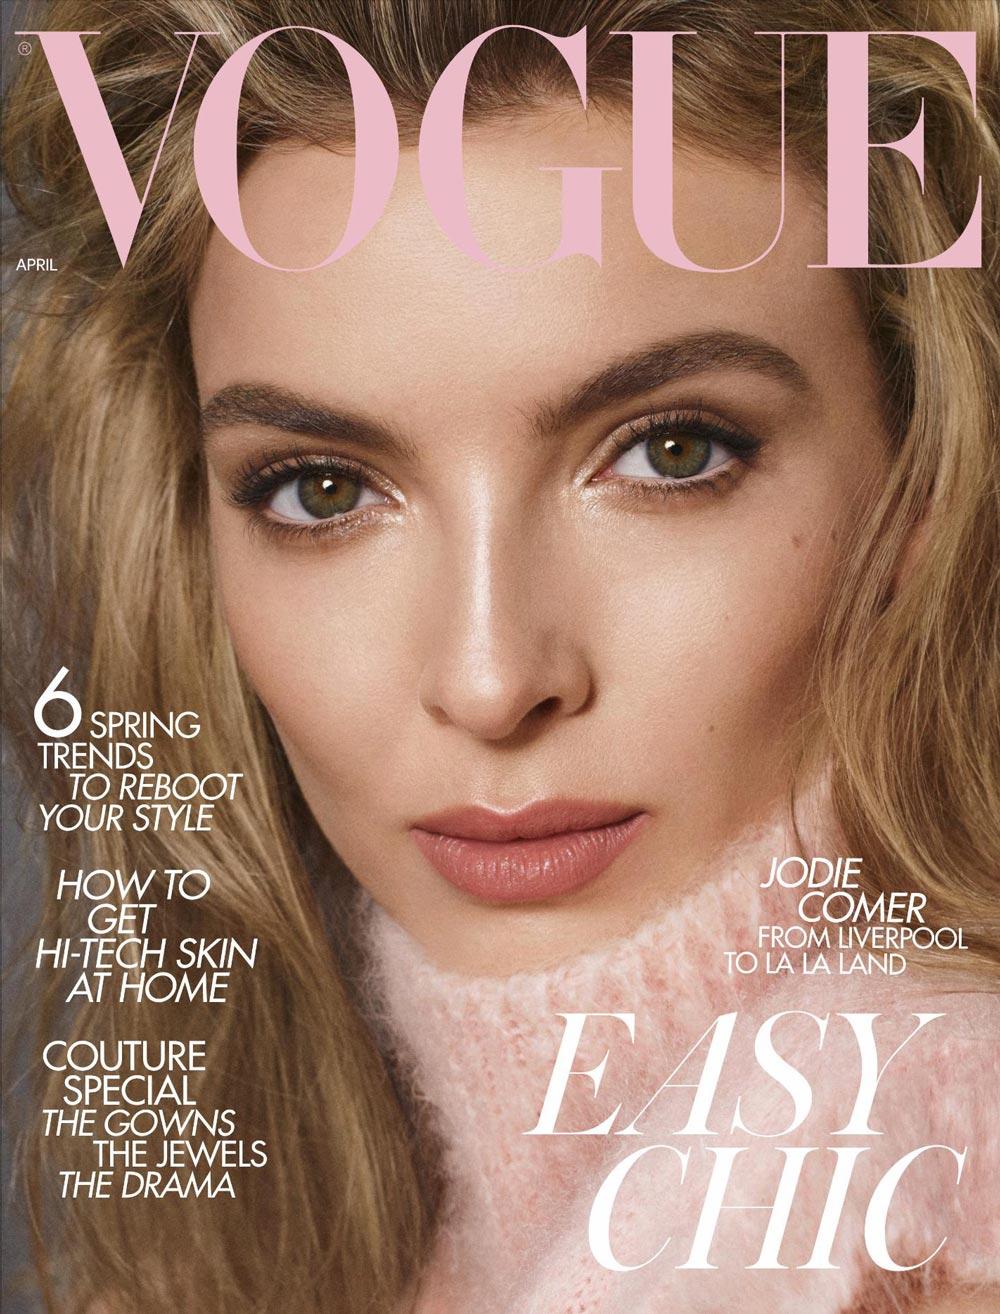 Vogue April 2019